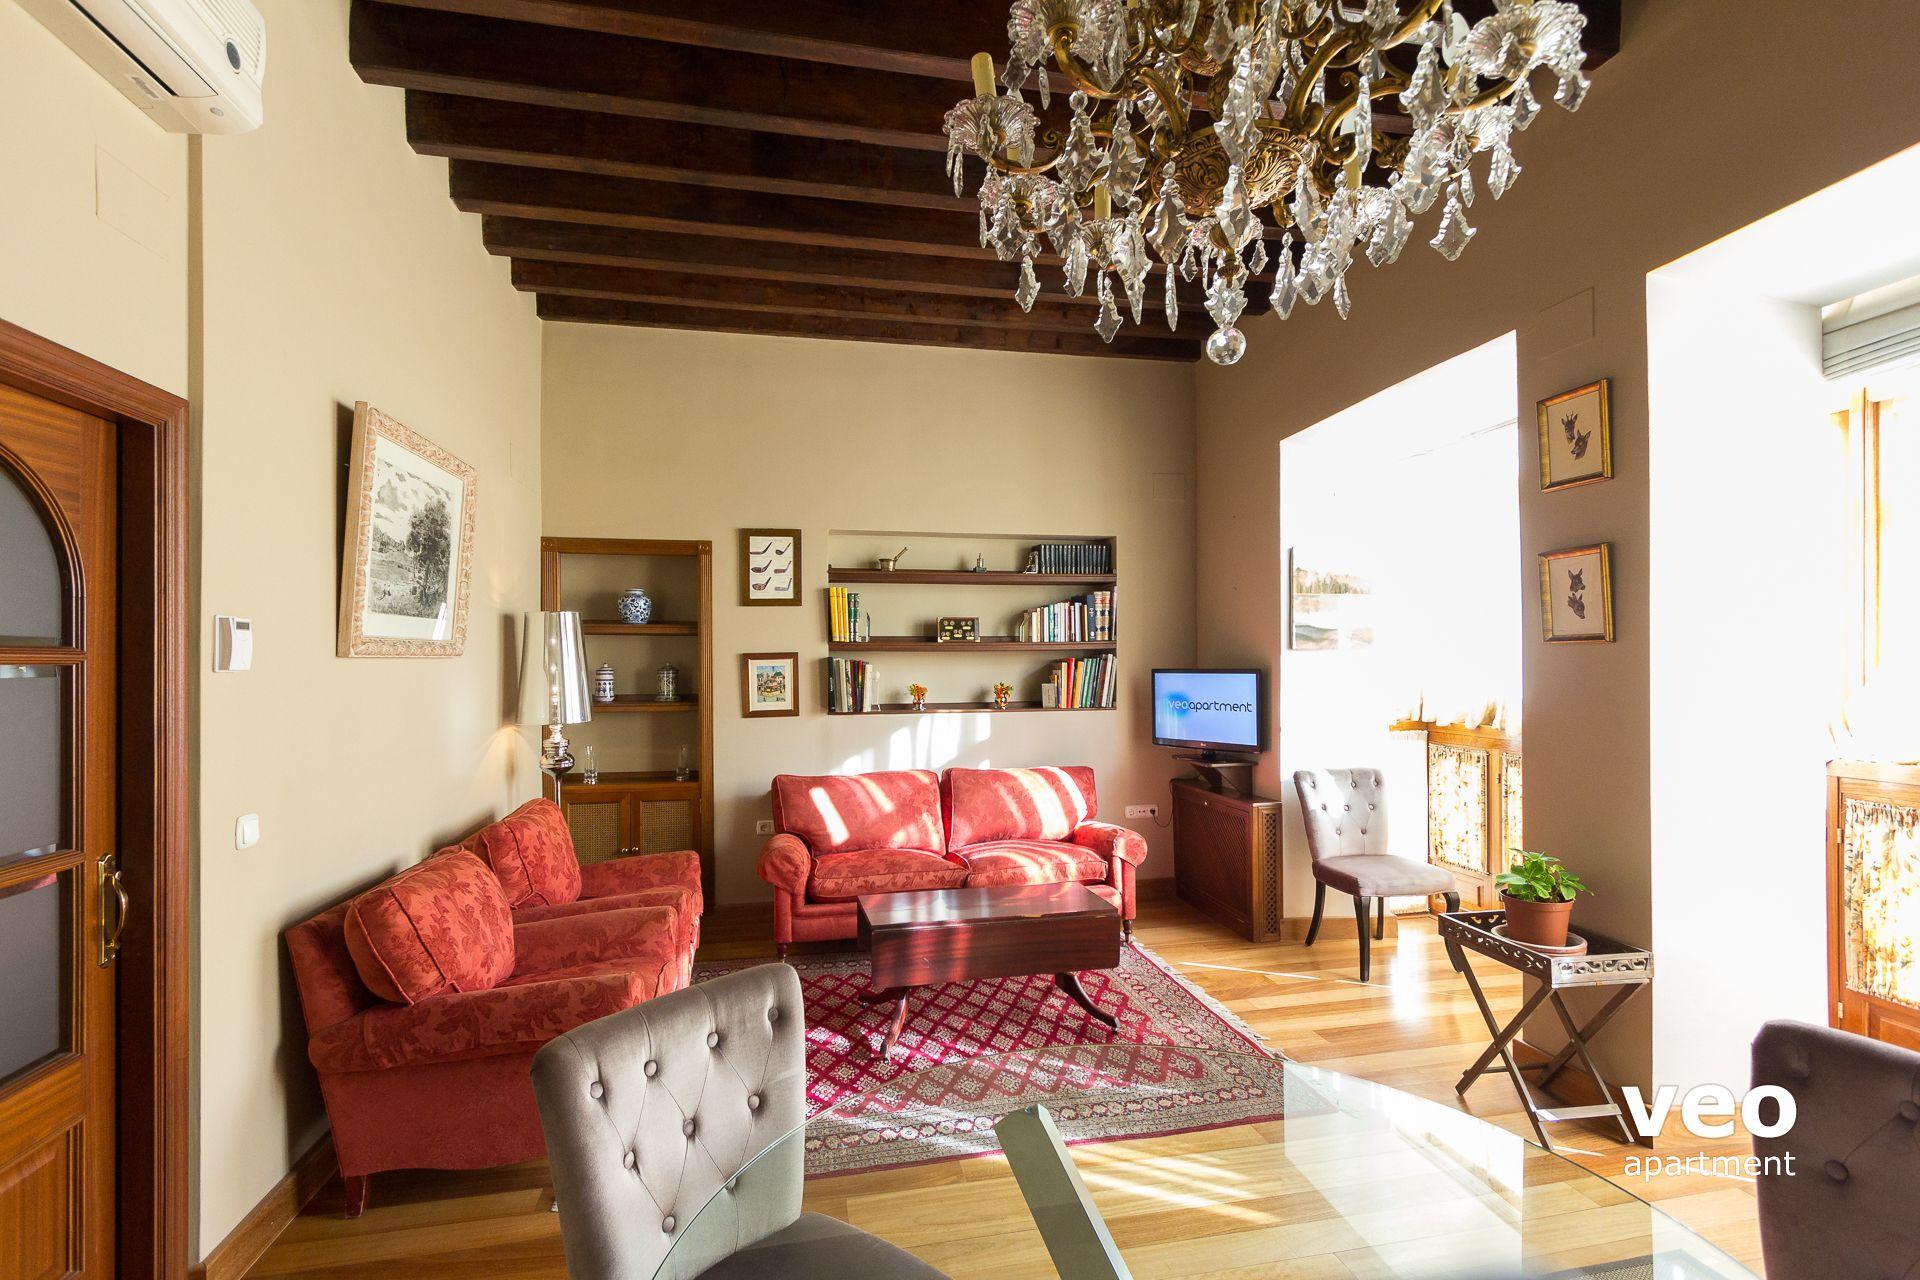 Registro Bienes Muebles Sevilla Of Sevilla Apartmento Calle Alemanes Sevilla Espa A